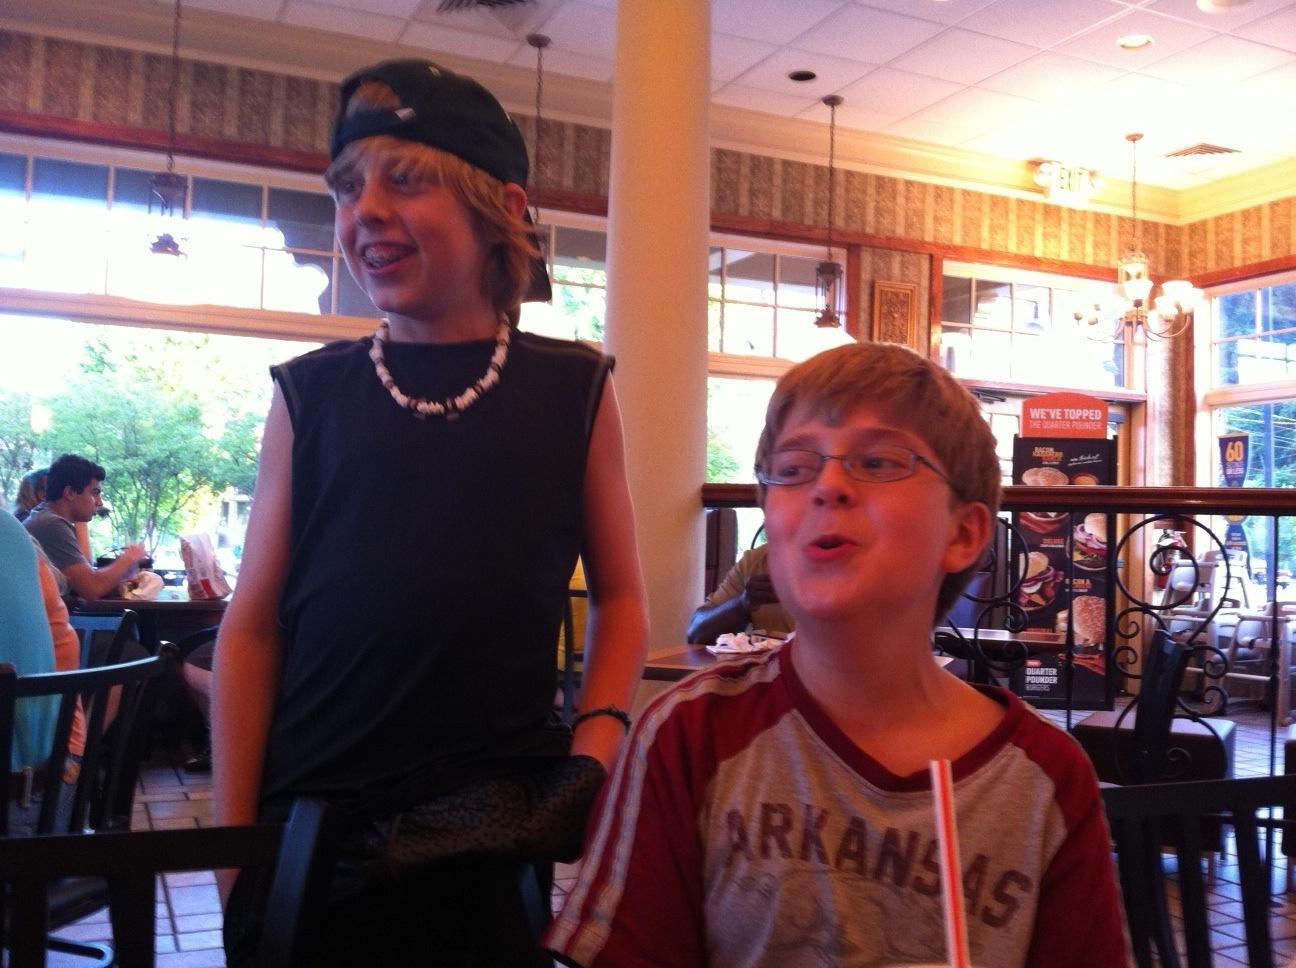 James and Jackson